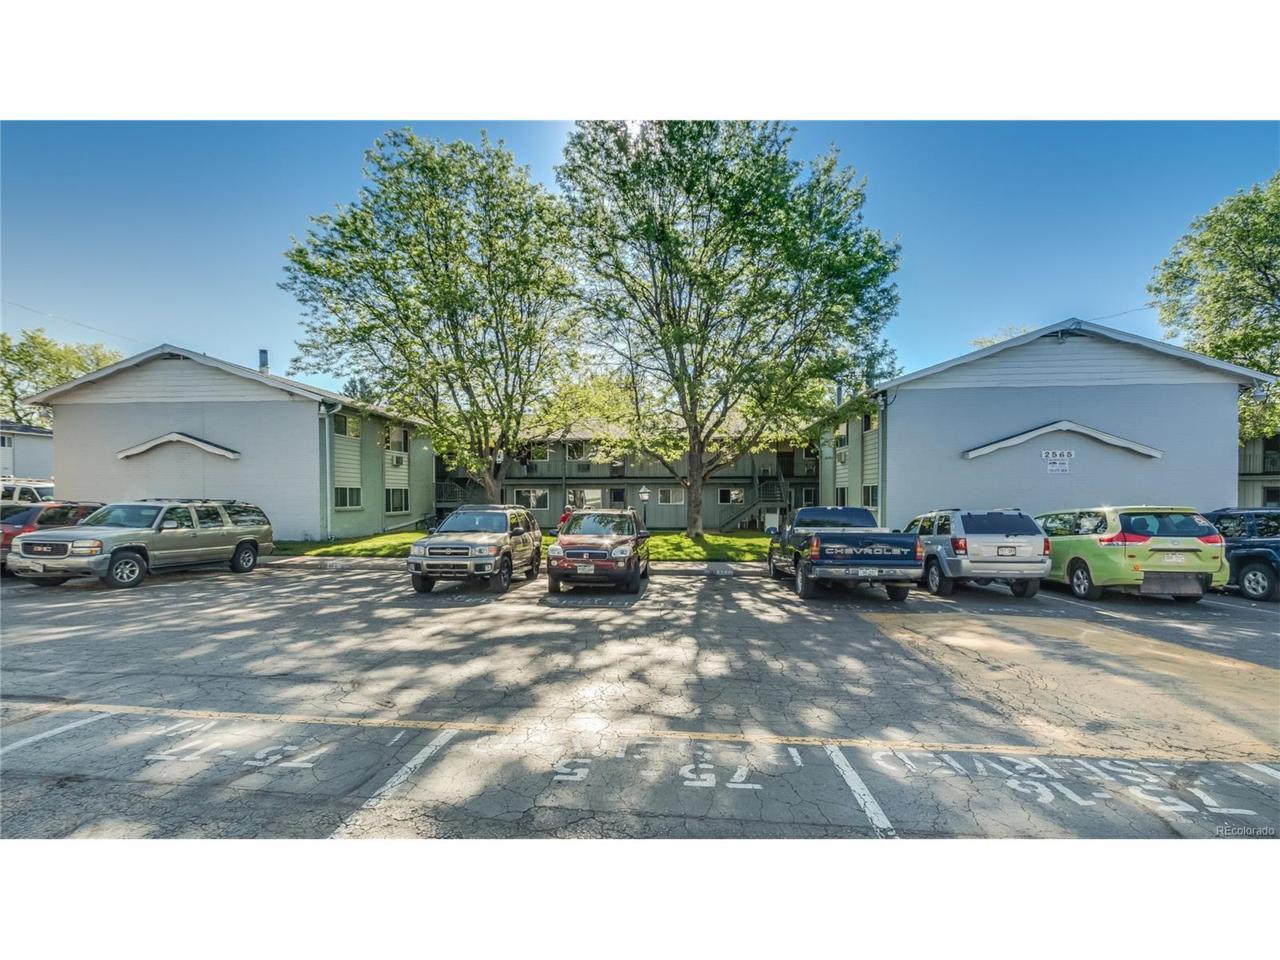 2565 S Sheridan Boulevard #14, Lakewood, CO 80227 (MLS #4850469) :: 8z Real Estate